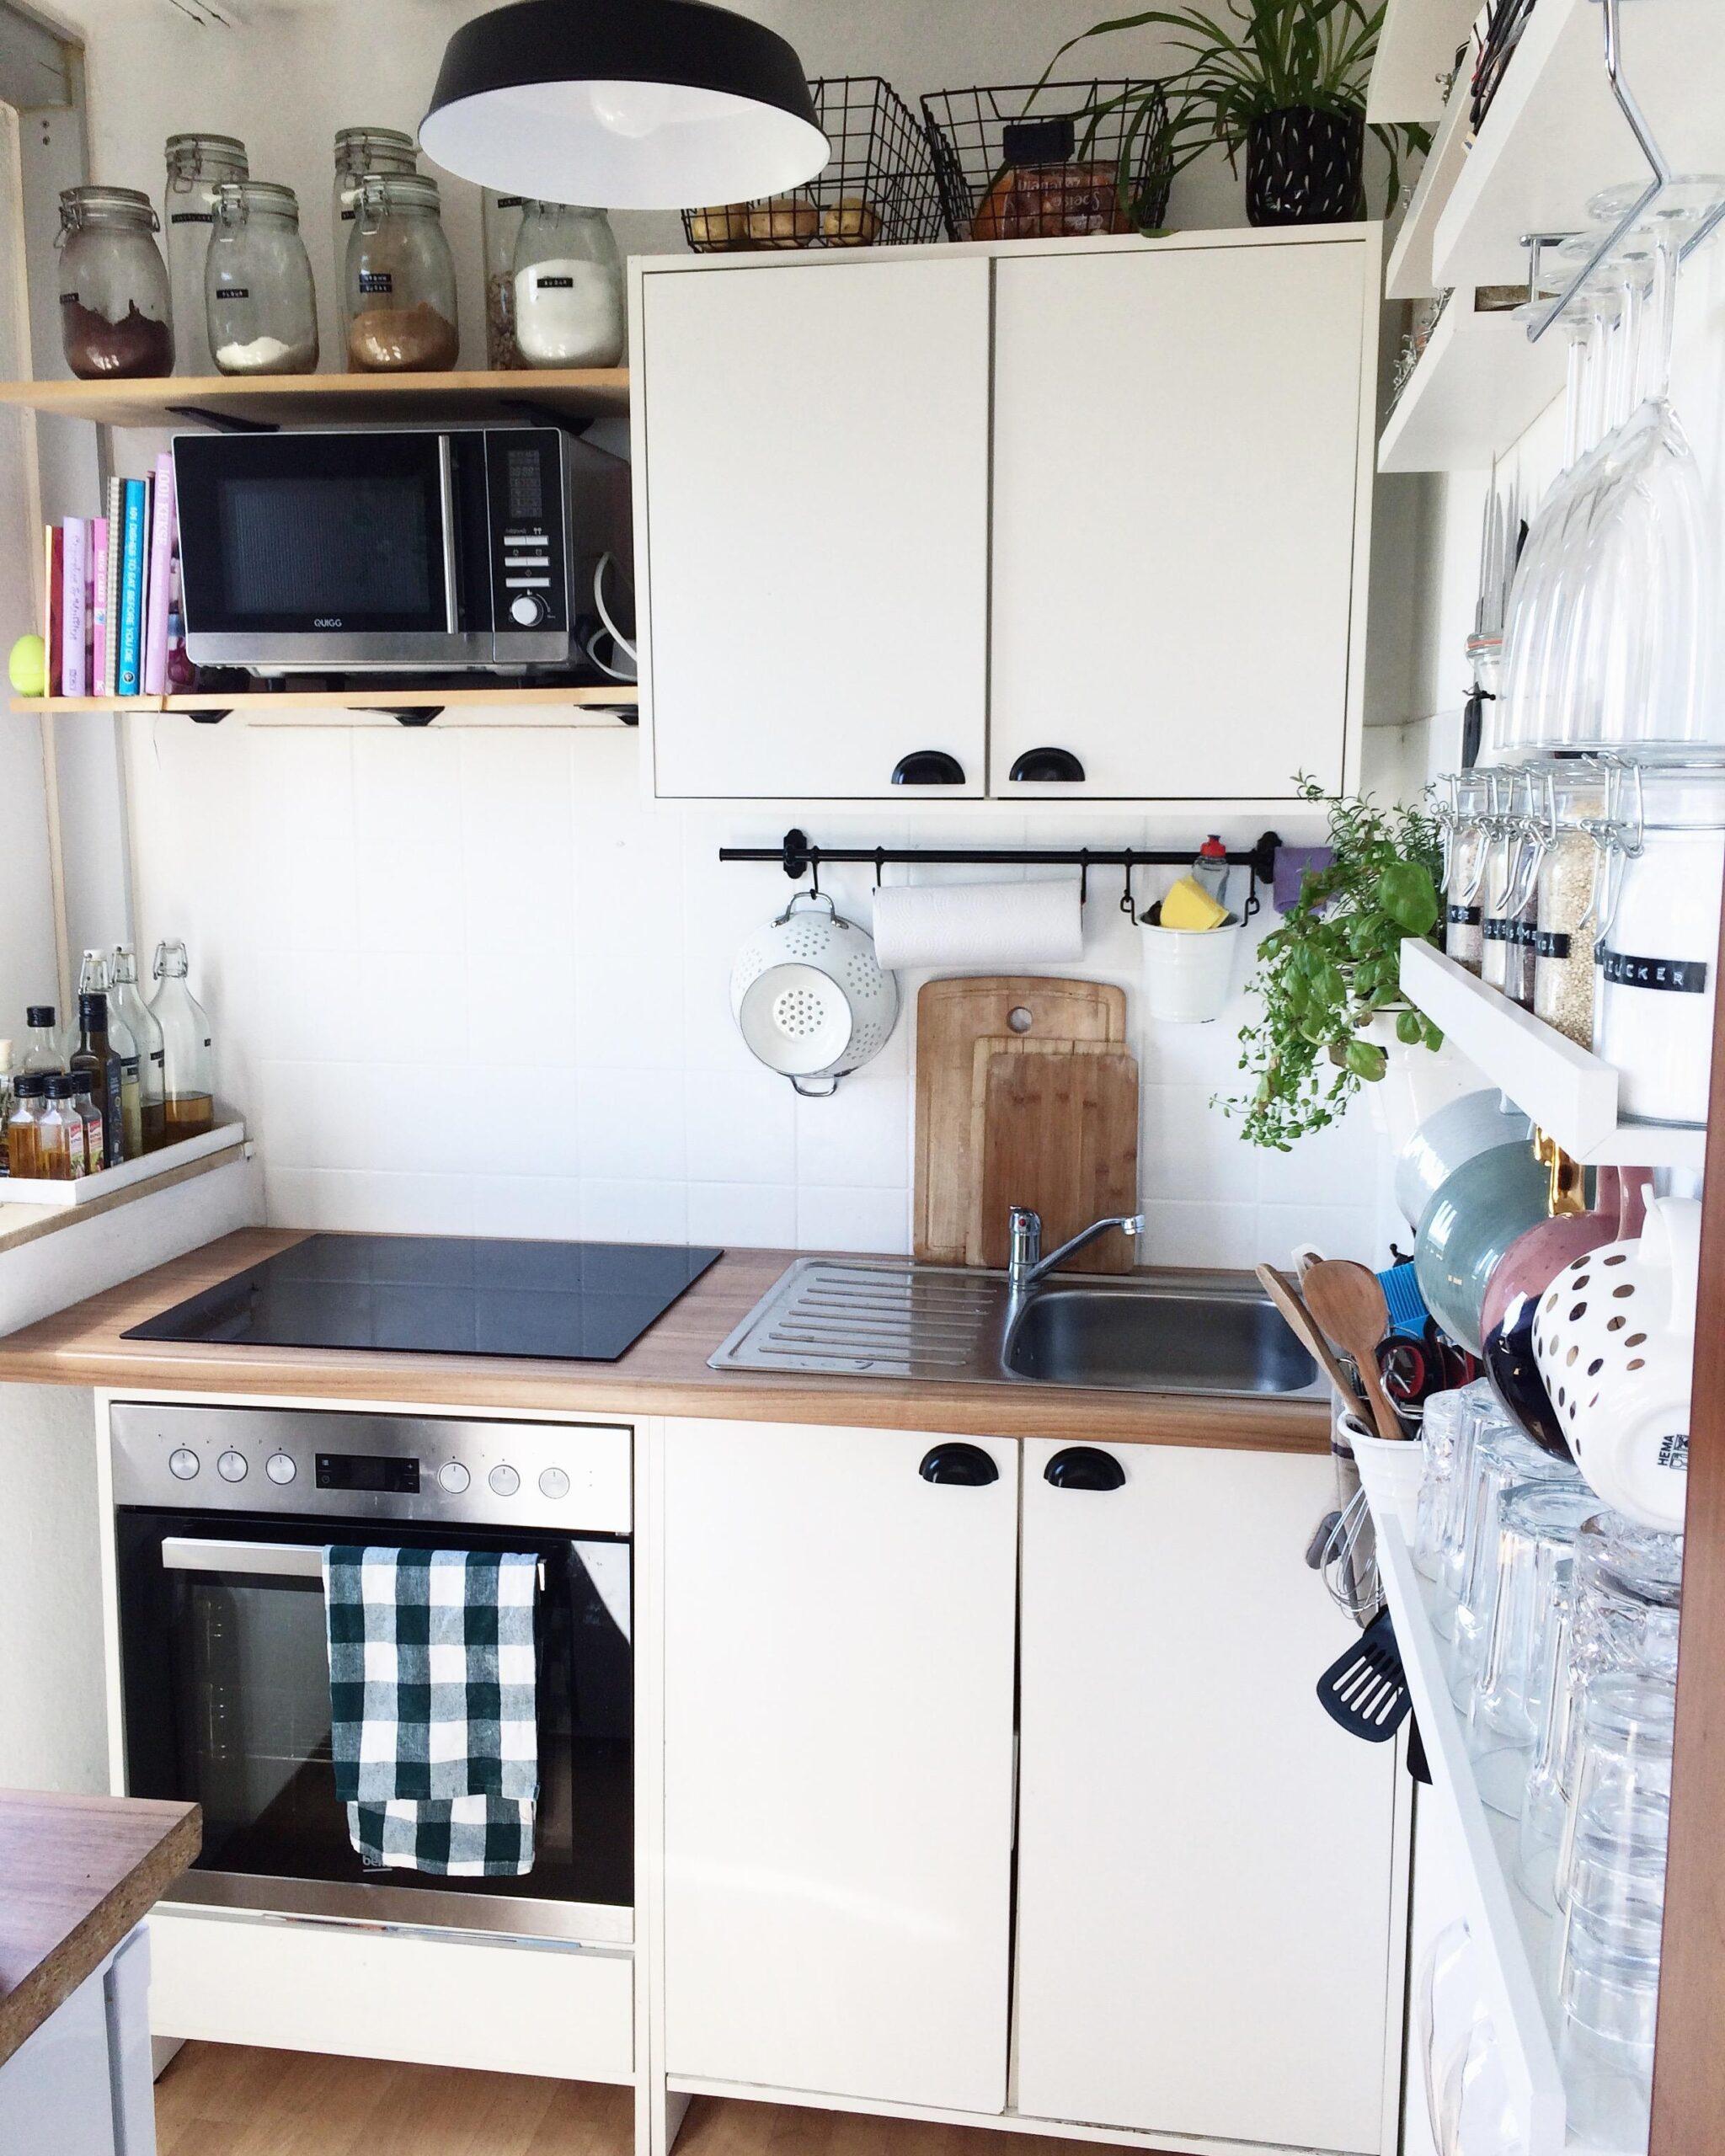 Full Size of Kleine Kchen Grer Machen So Gehts Moderne Landhausküche Weiß Grau Badezimmer Einrichten Gebraucht Weisse Küche Wohnzimmer Landhausküche Einrichten